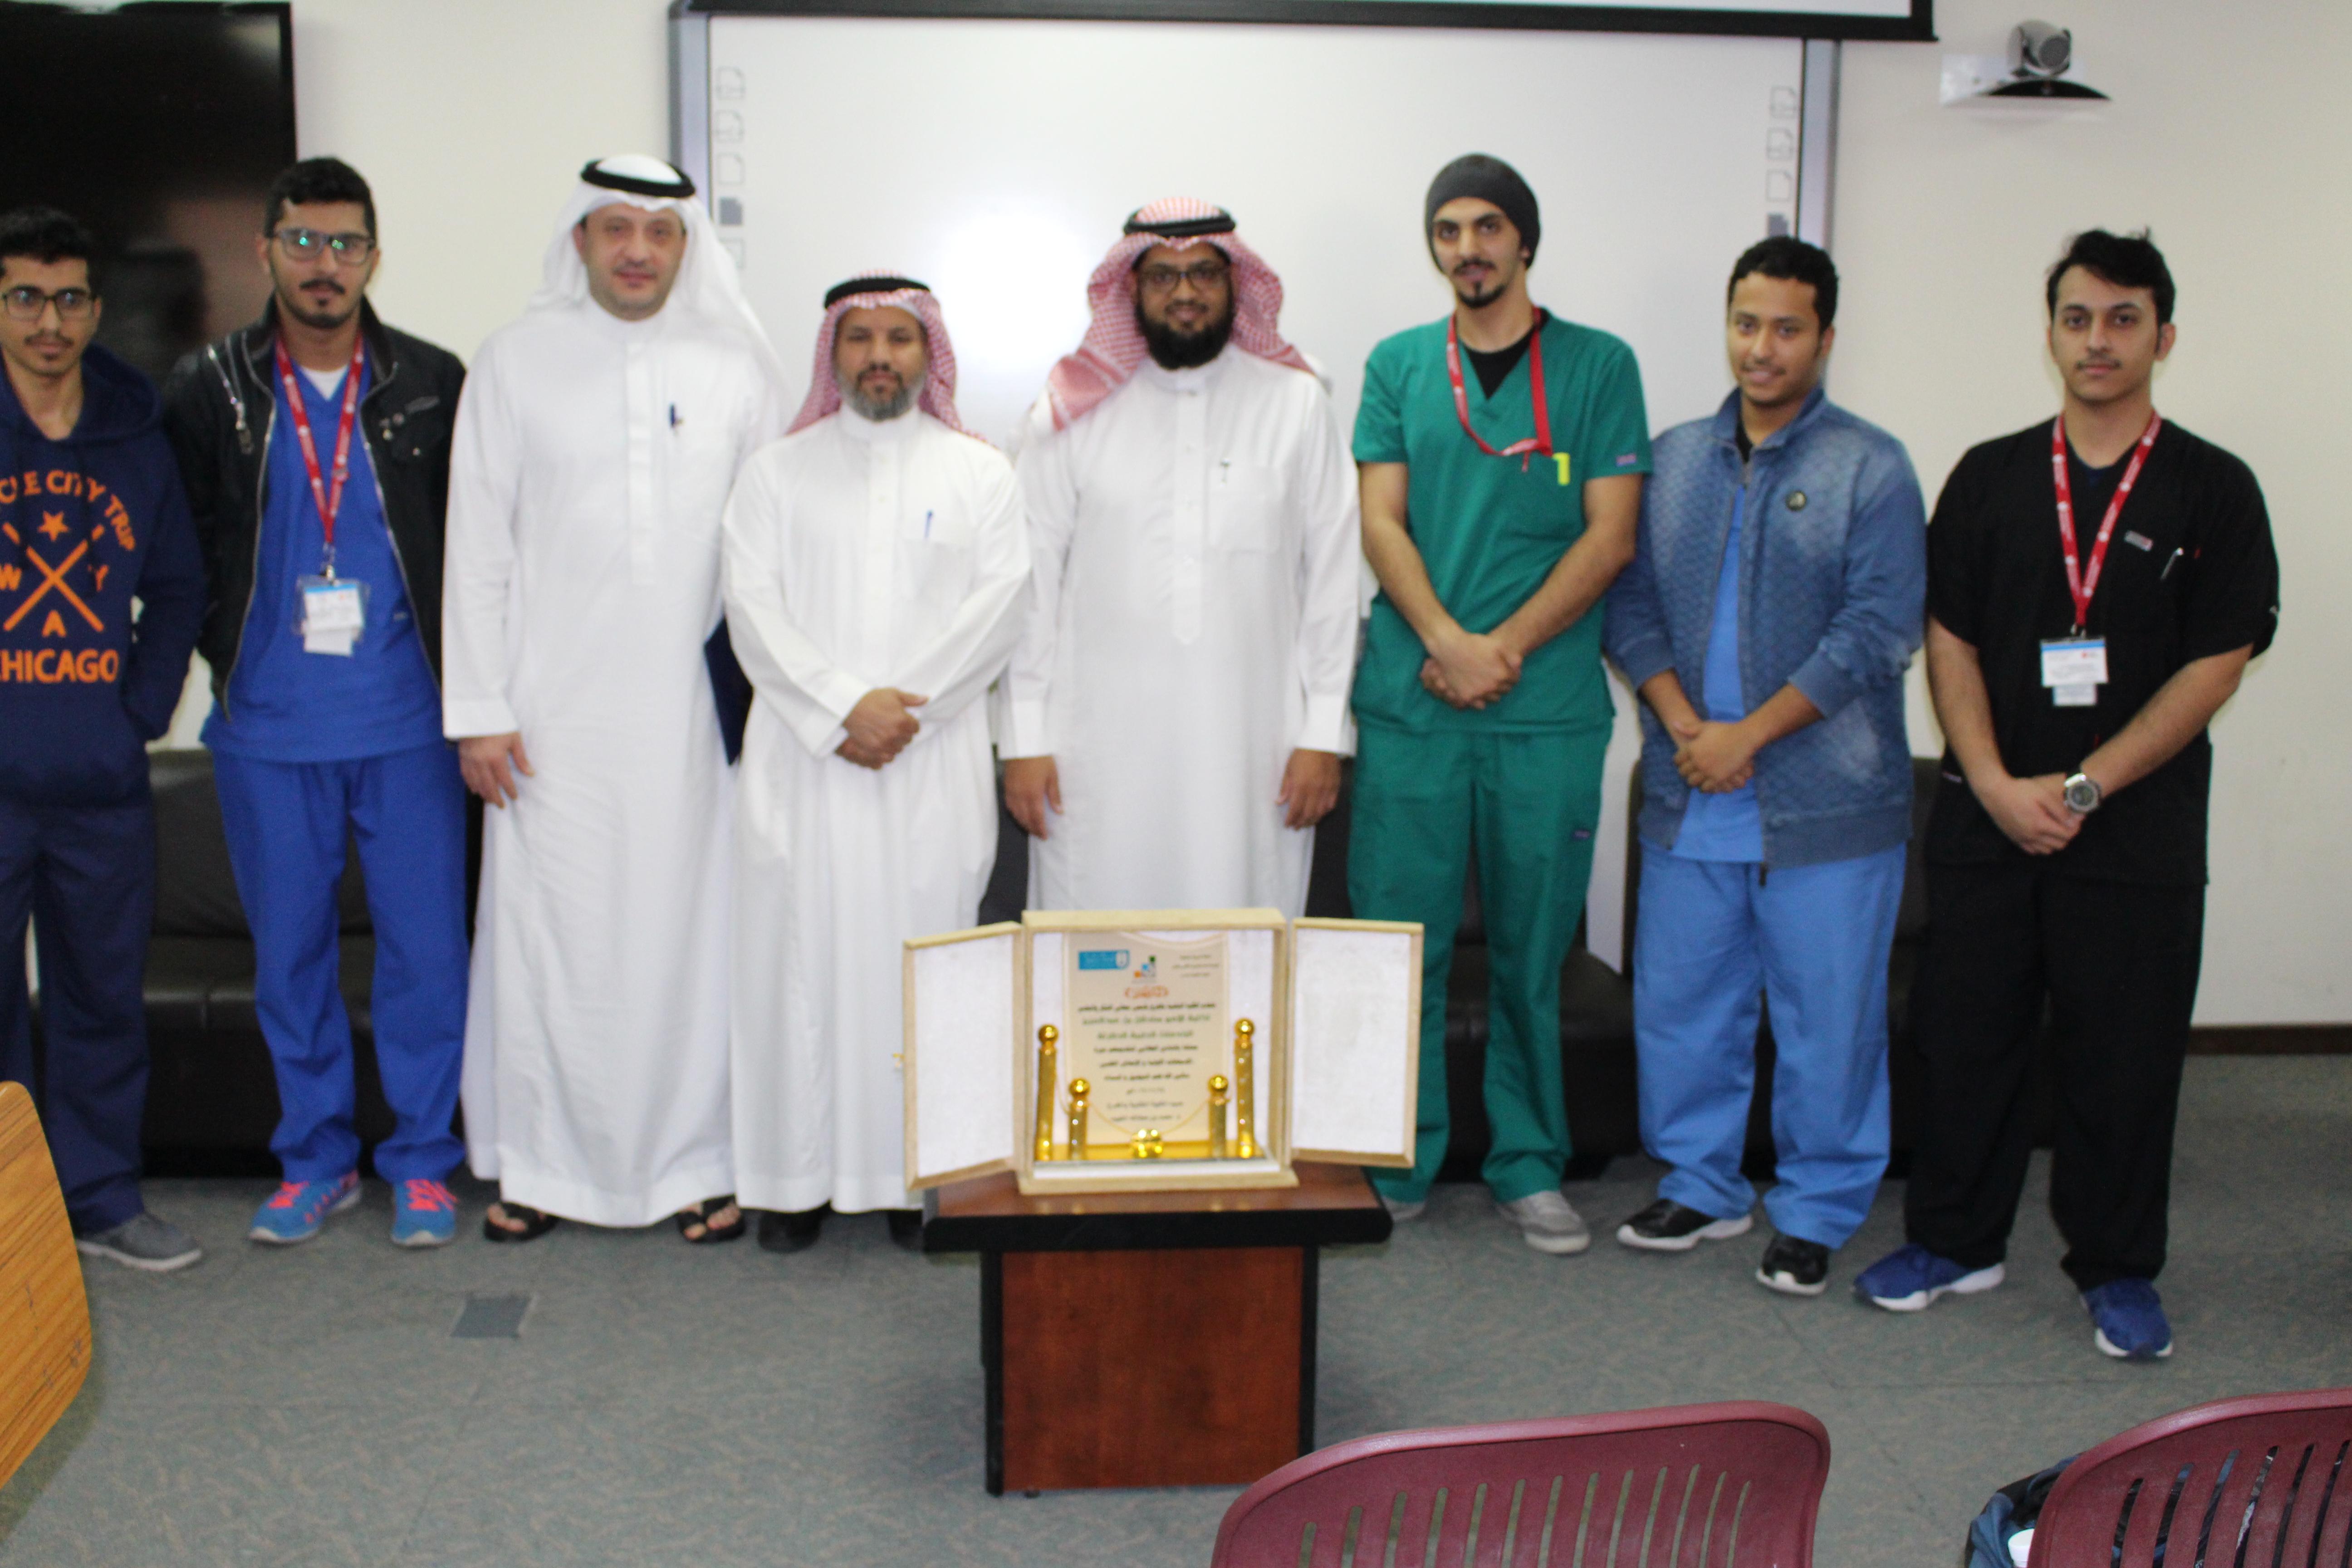 اللقاء السنوي لطلاب كلية الأمير سلطان بن عبدالعزيز للخدمات الطبية الطارئة